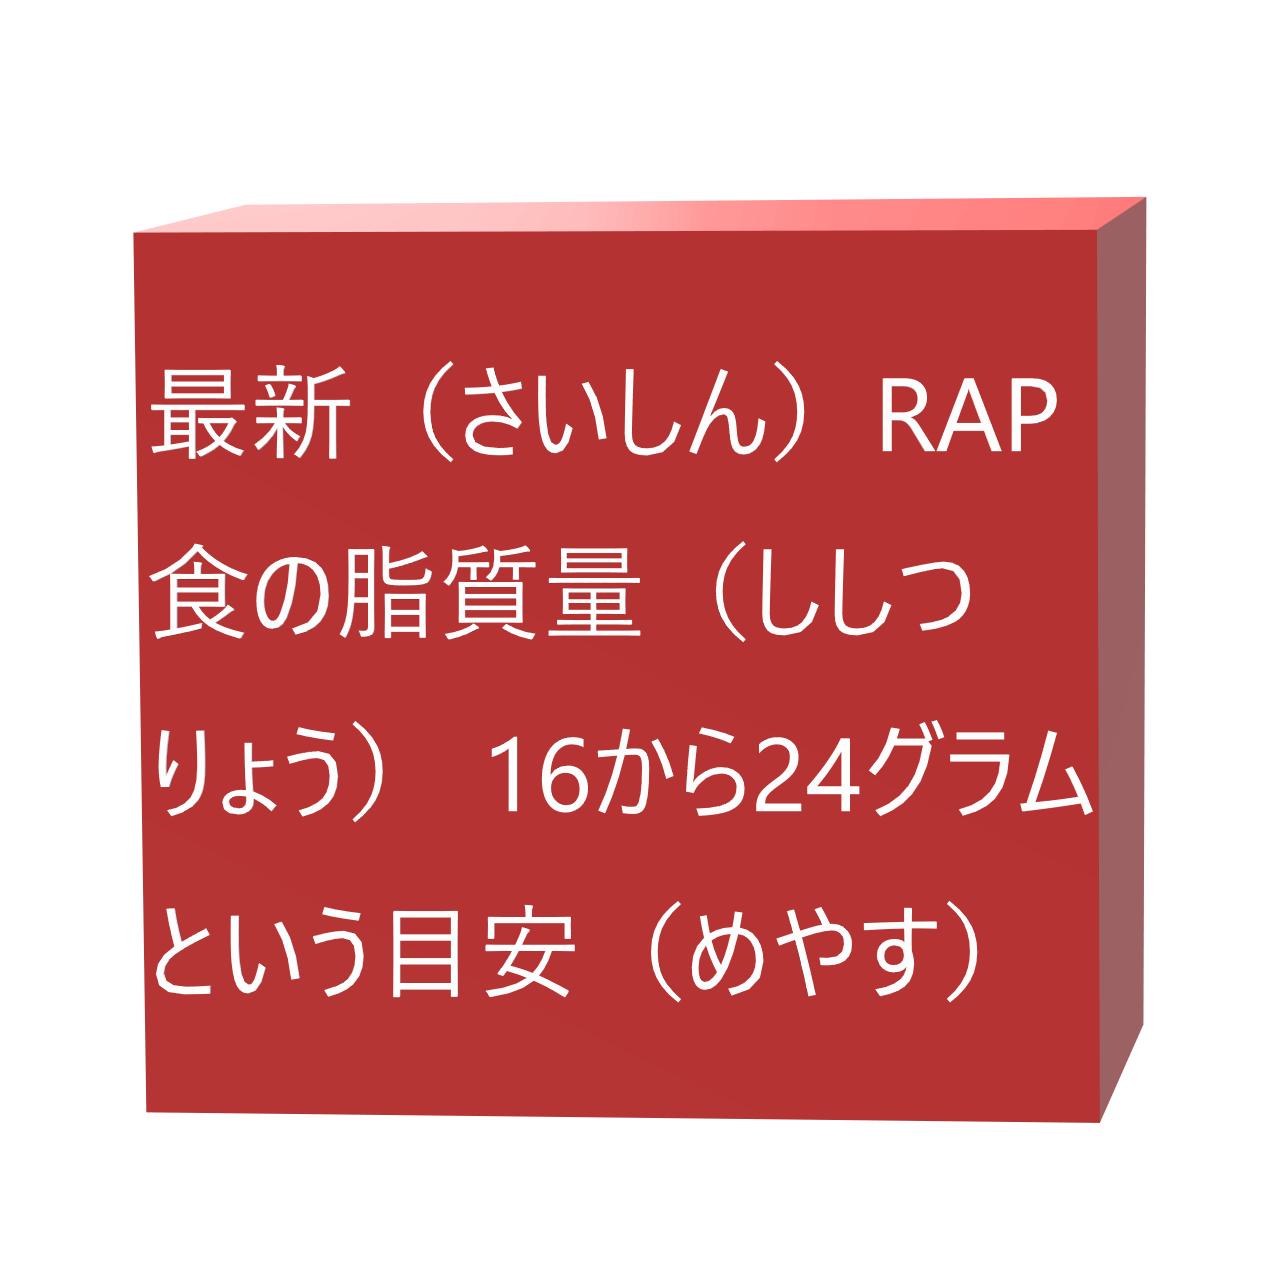 最新(さいしん)RAP食の脂質量(ししつりょう) 16から24グラムという目安(めやす)にかかる画像(がぞう)